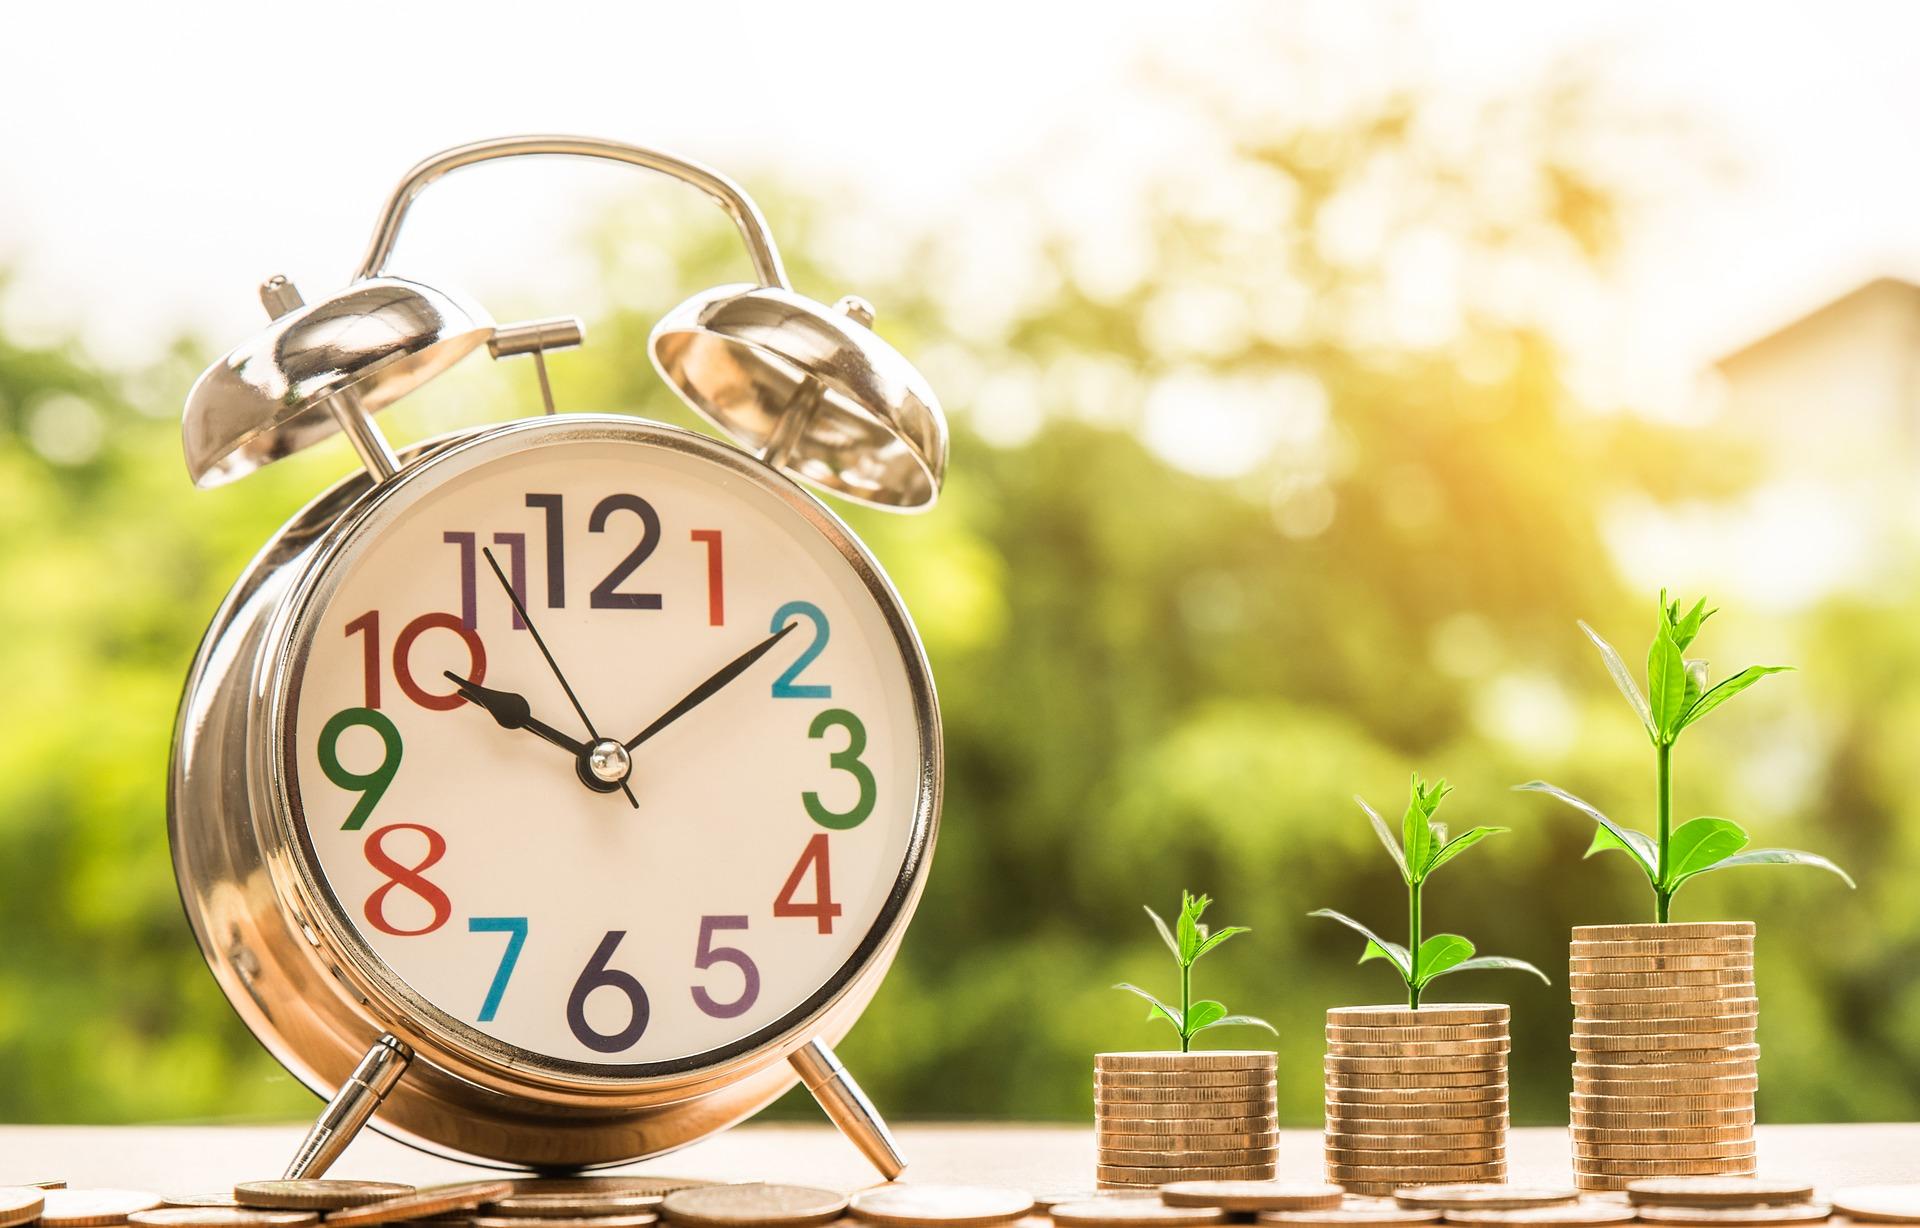 Symboldbild TVÖD, das eine Uhr und daneben drei Stapel mit Geldmünzen zeigt